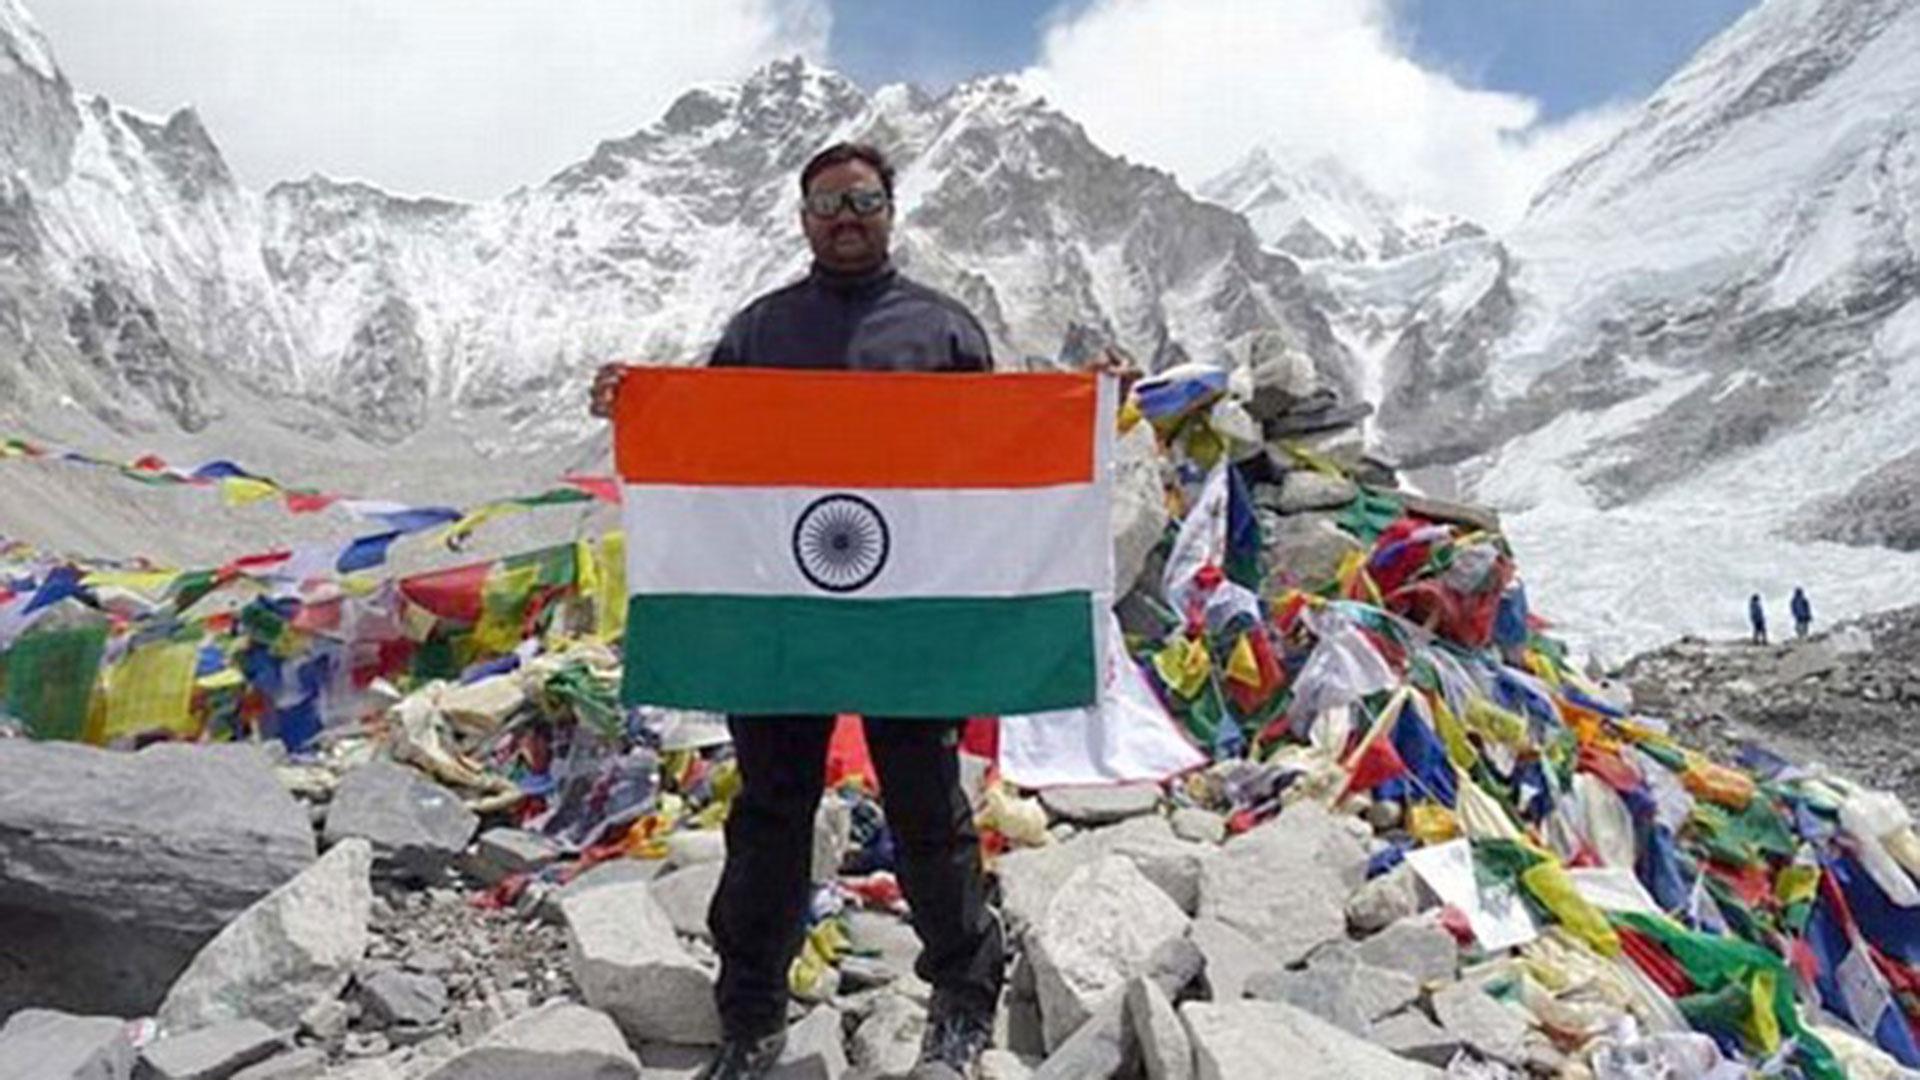 Rathod publicó esta imagen en su perfil de Facebook en una base del monte más alto del mundo